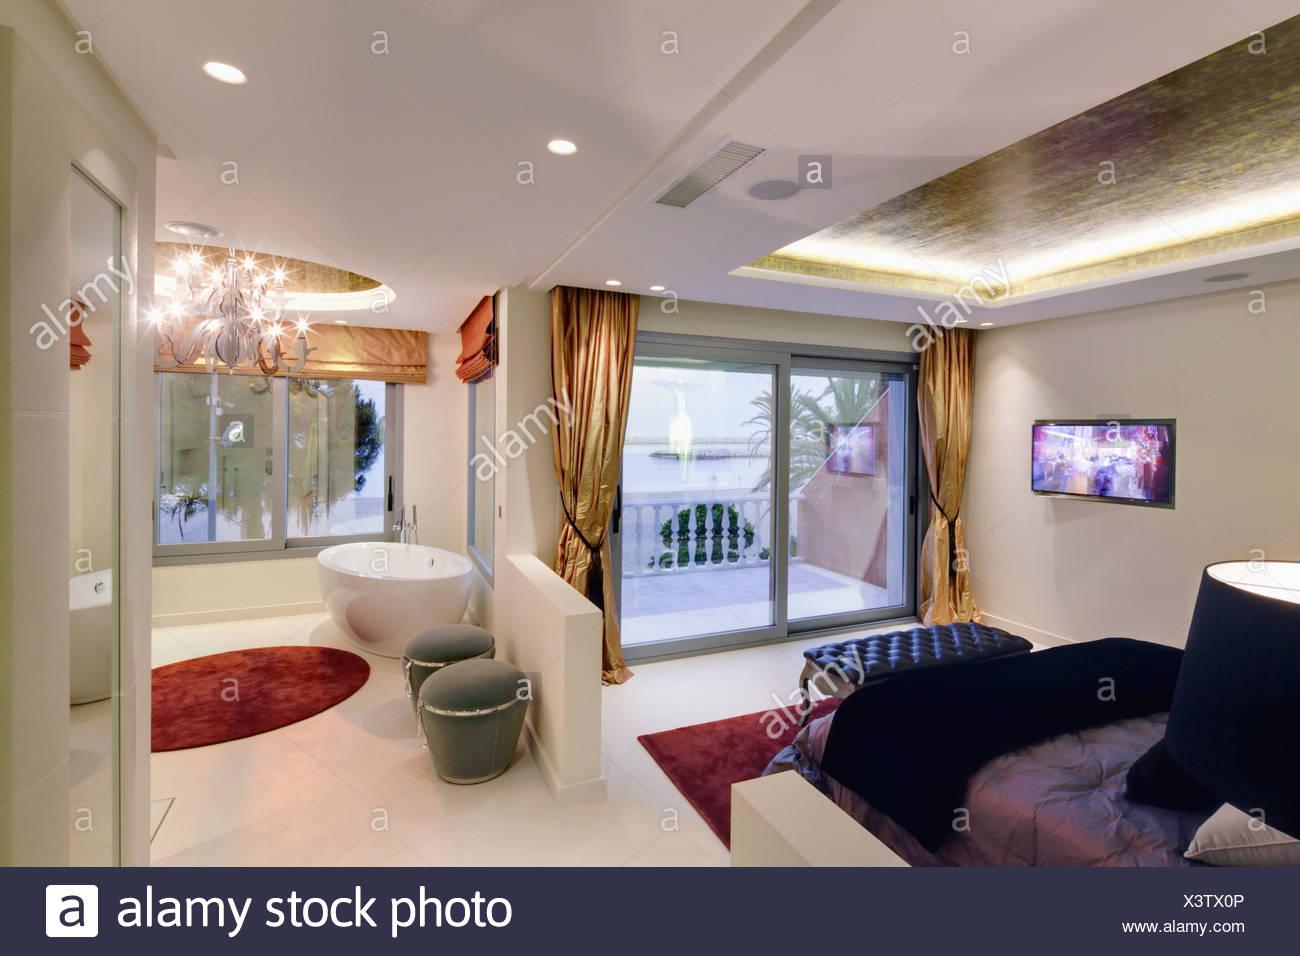 Bagno In Camera Con Vetrata : Pavimento bianco in piano aperto camera da letto e stanza da